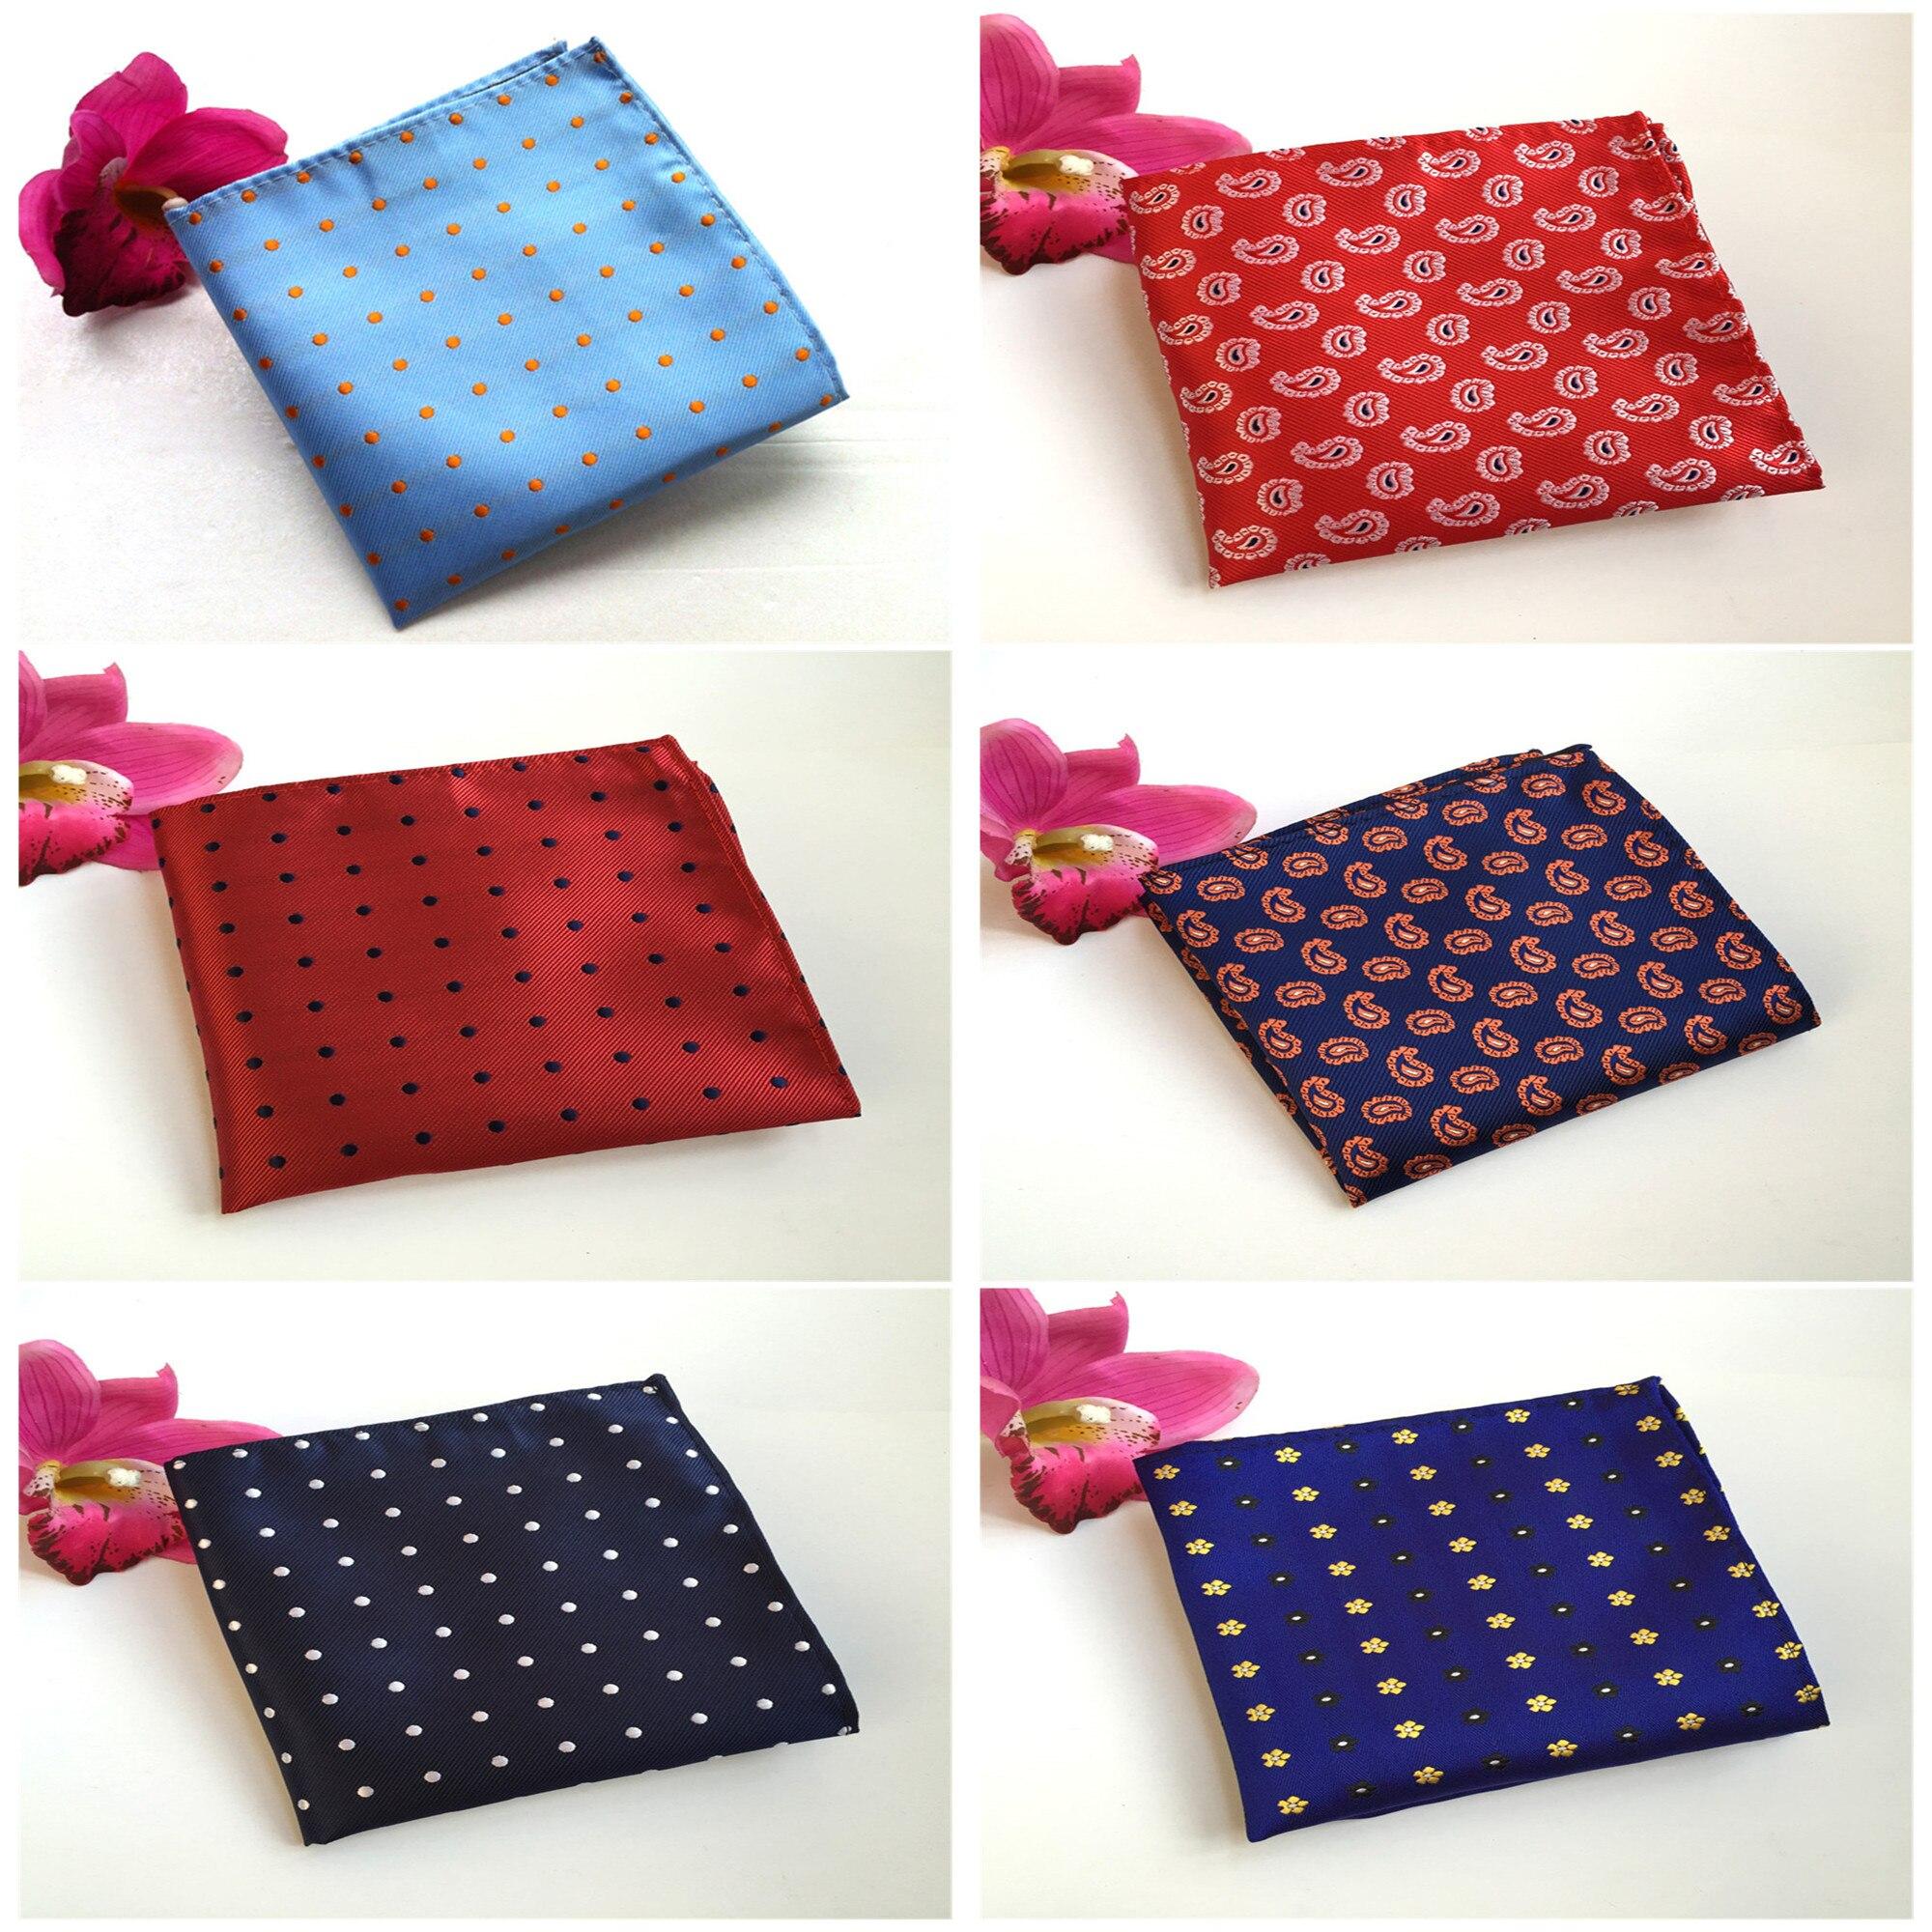 High Quality Explosion Fashion Men's Decorative Pocket Towel Unique Design 2019 Polyester Pattern Suit Handkerchief Pocket Towel